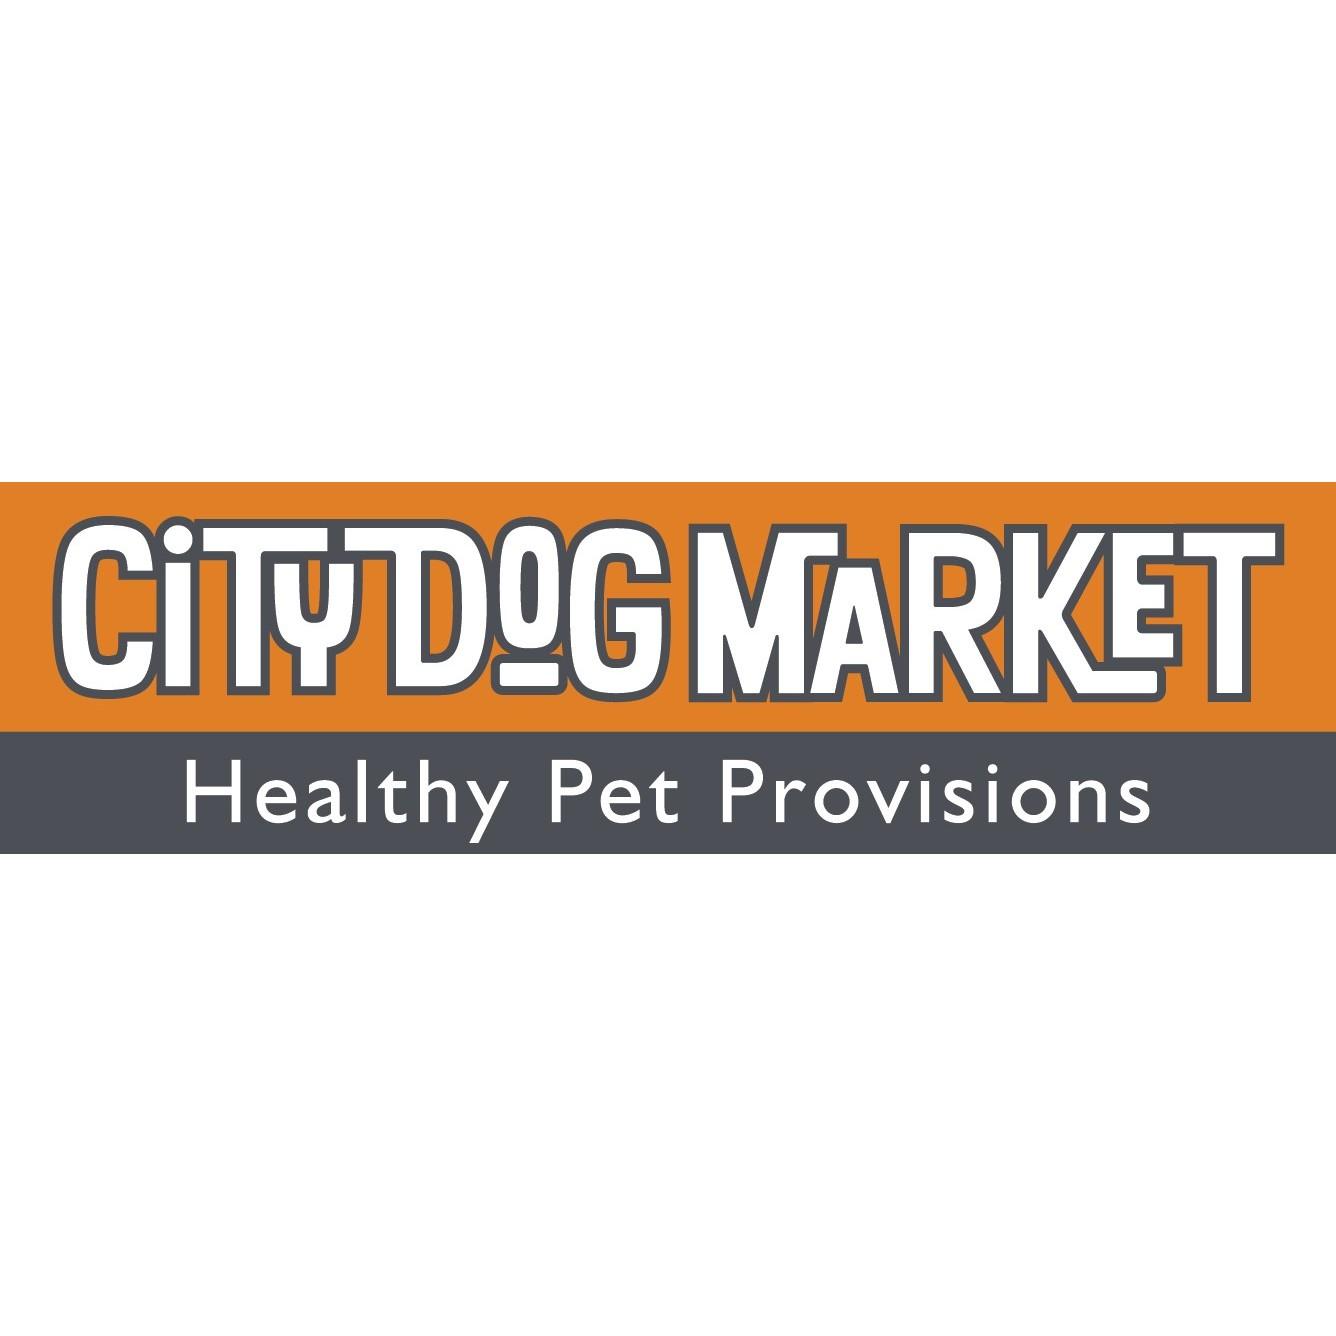 City Dog Market